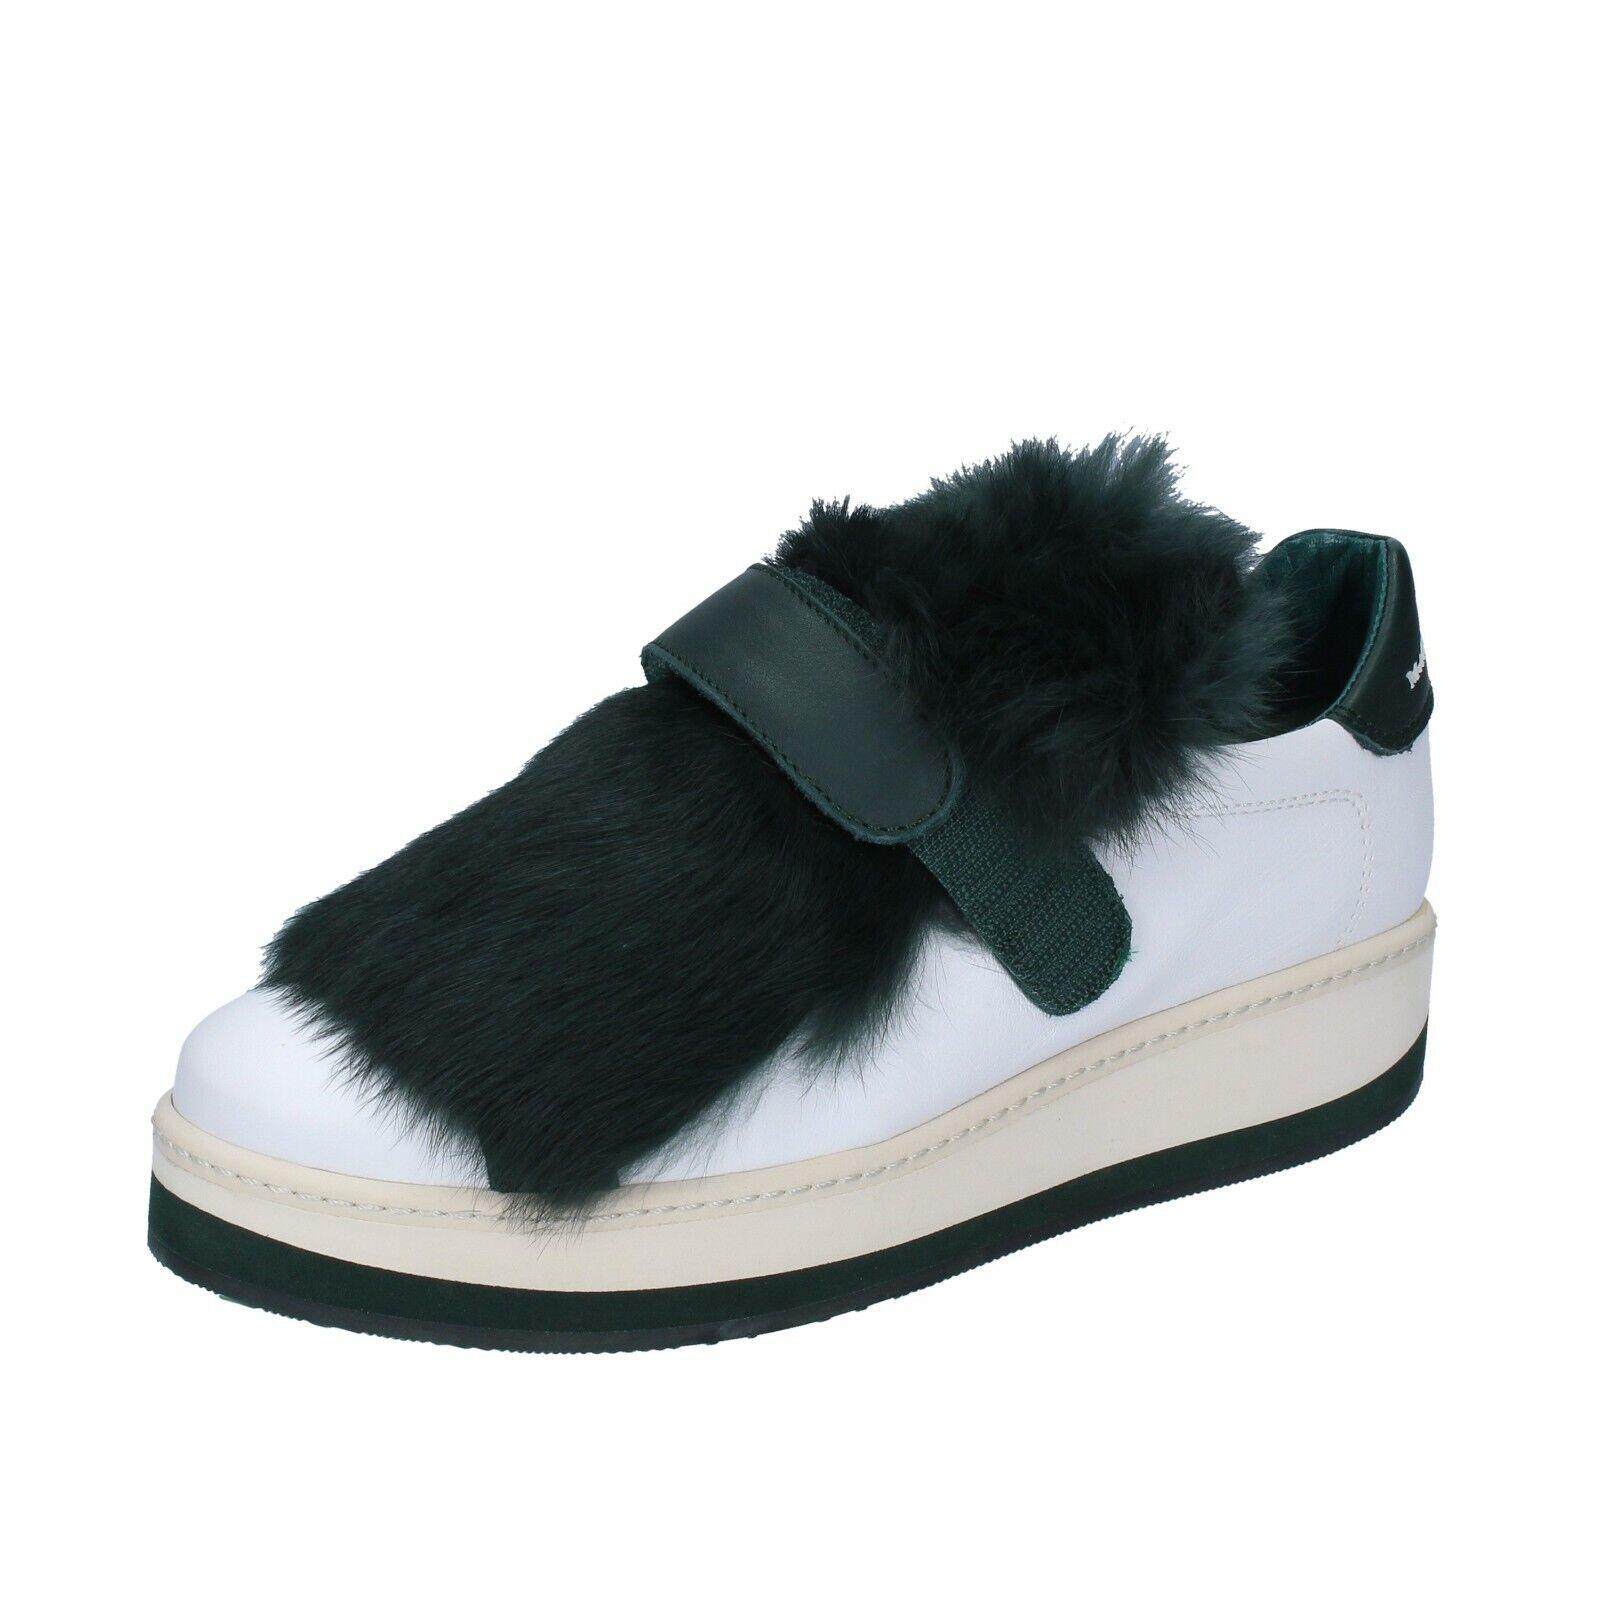 Kvinnor skor Manuel Barcelo 37 EU -utbildare grön vit vit vit läder Fur BS331 -37  gratis frakt